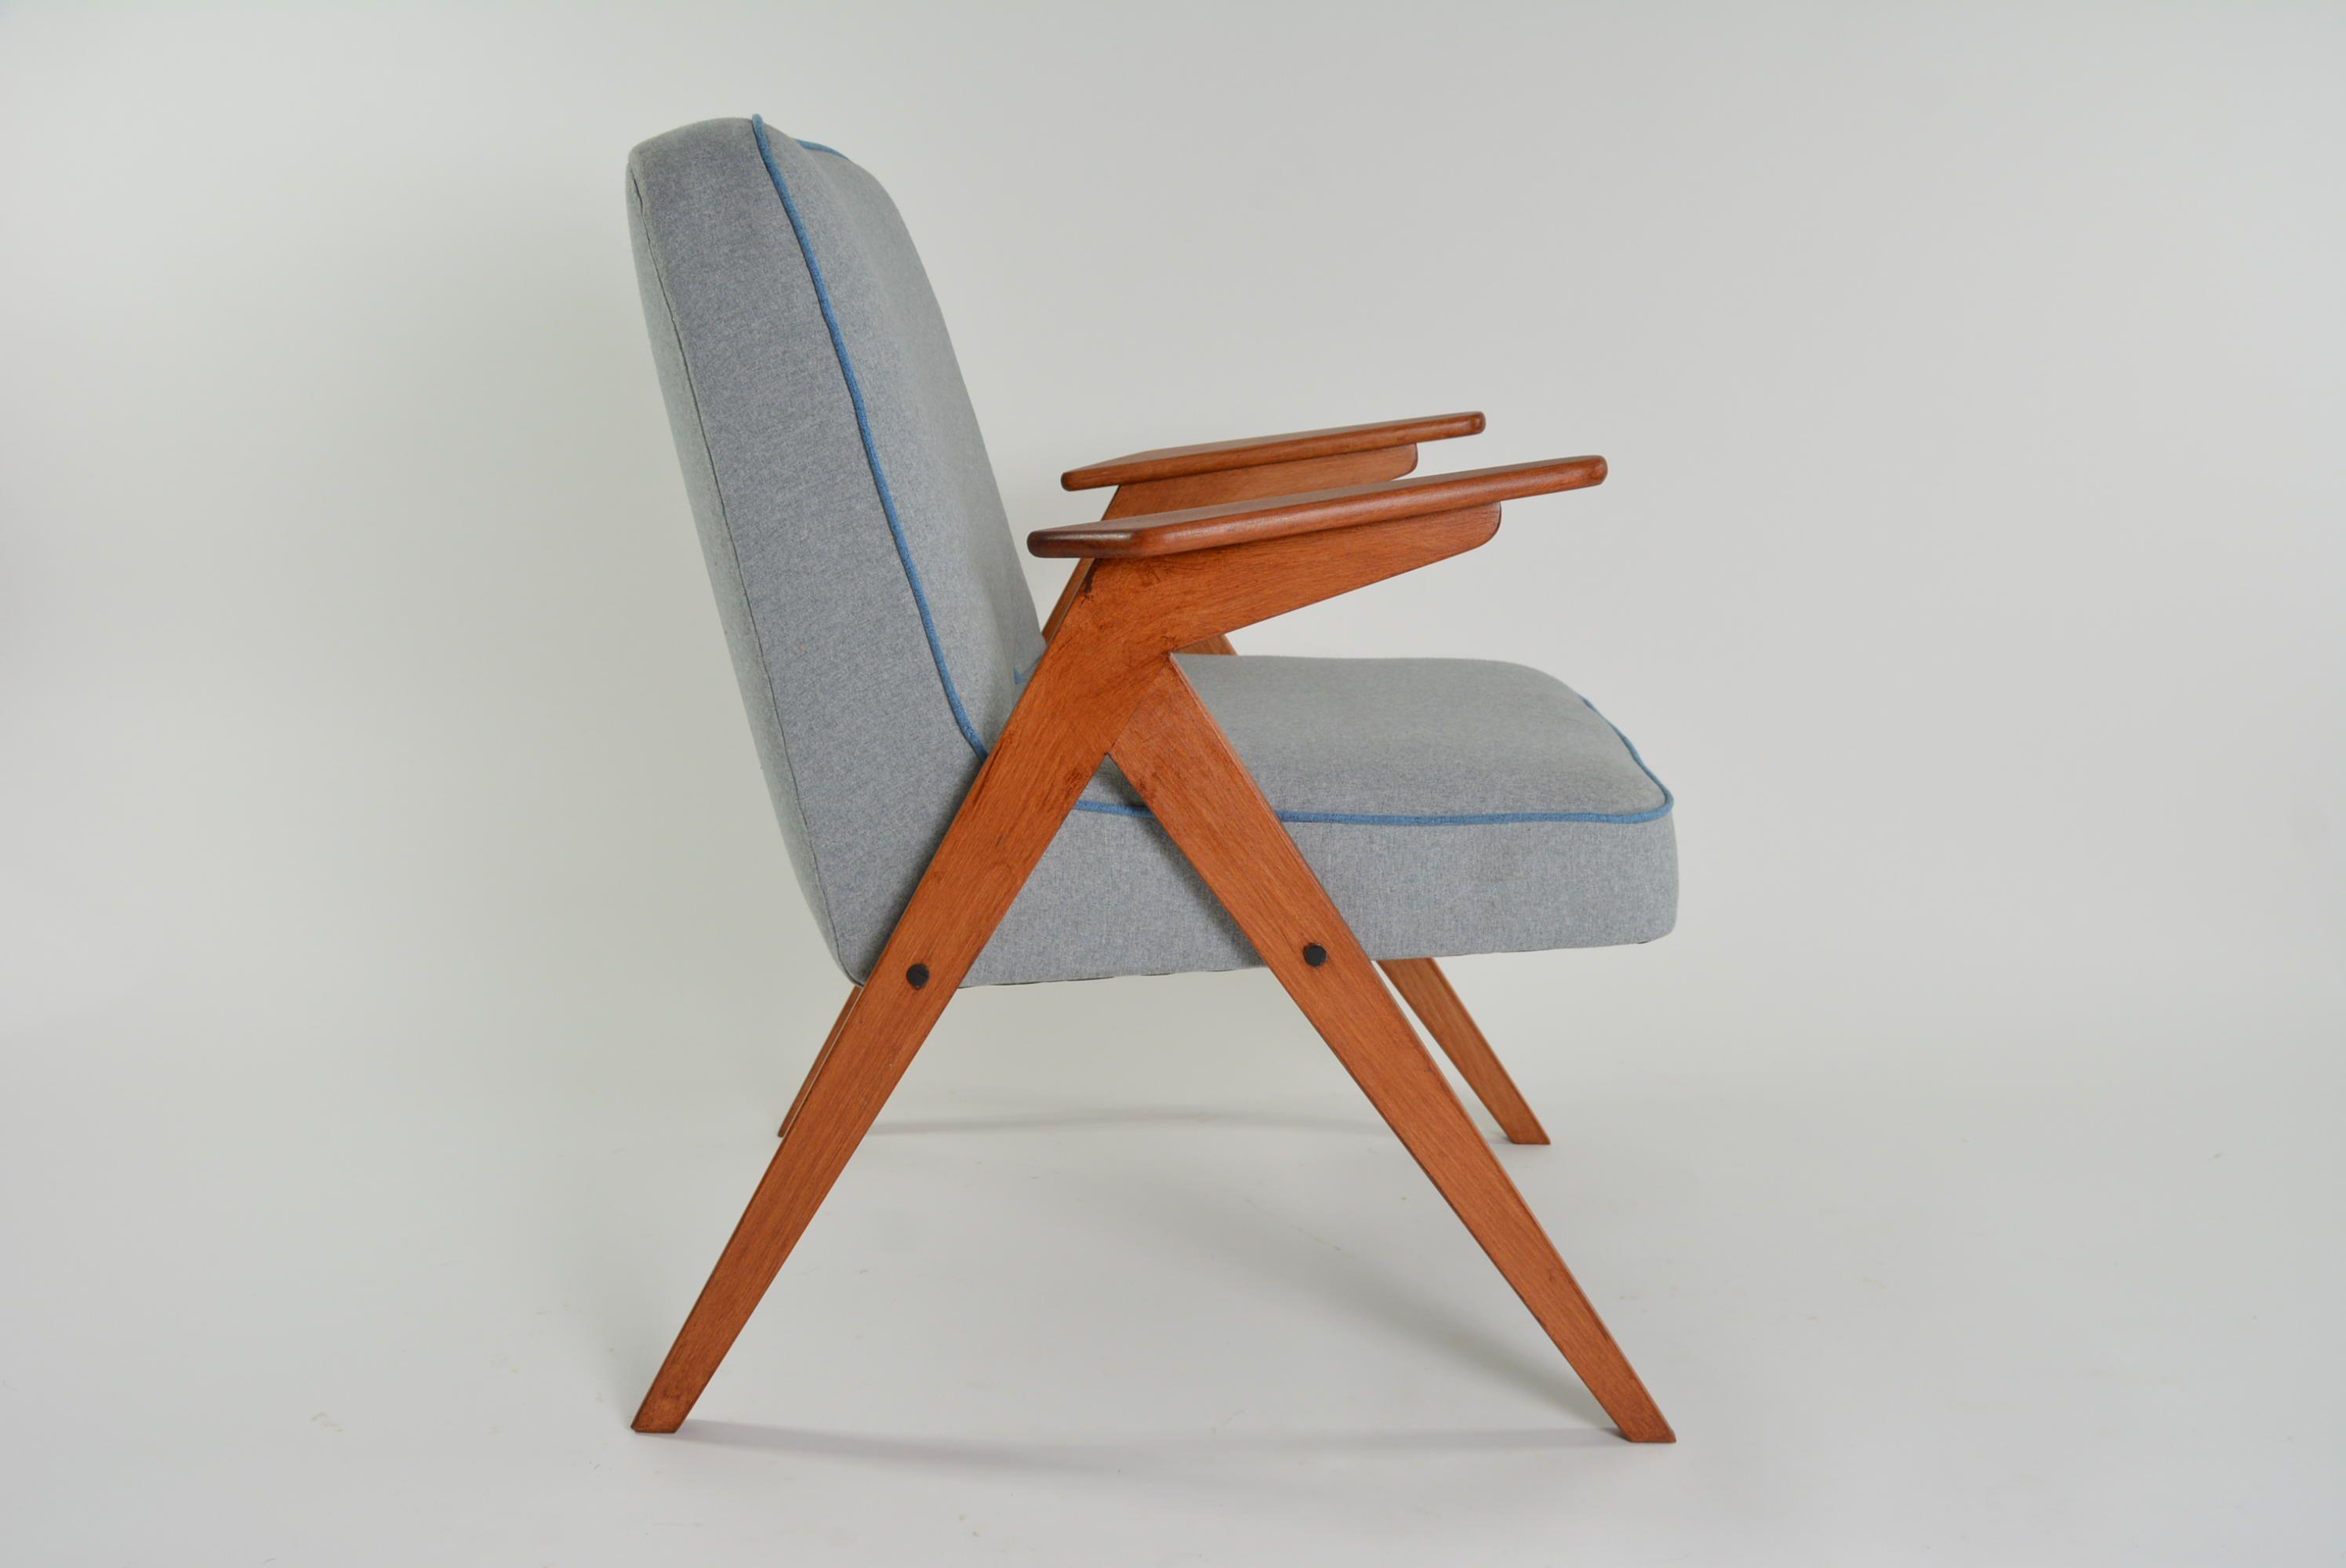 Vintage armchair BUNNY in grey color